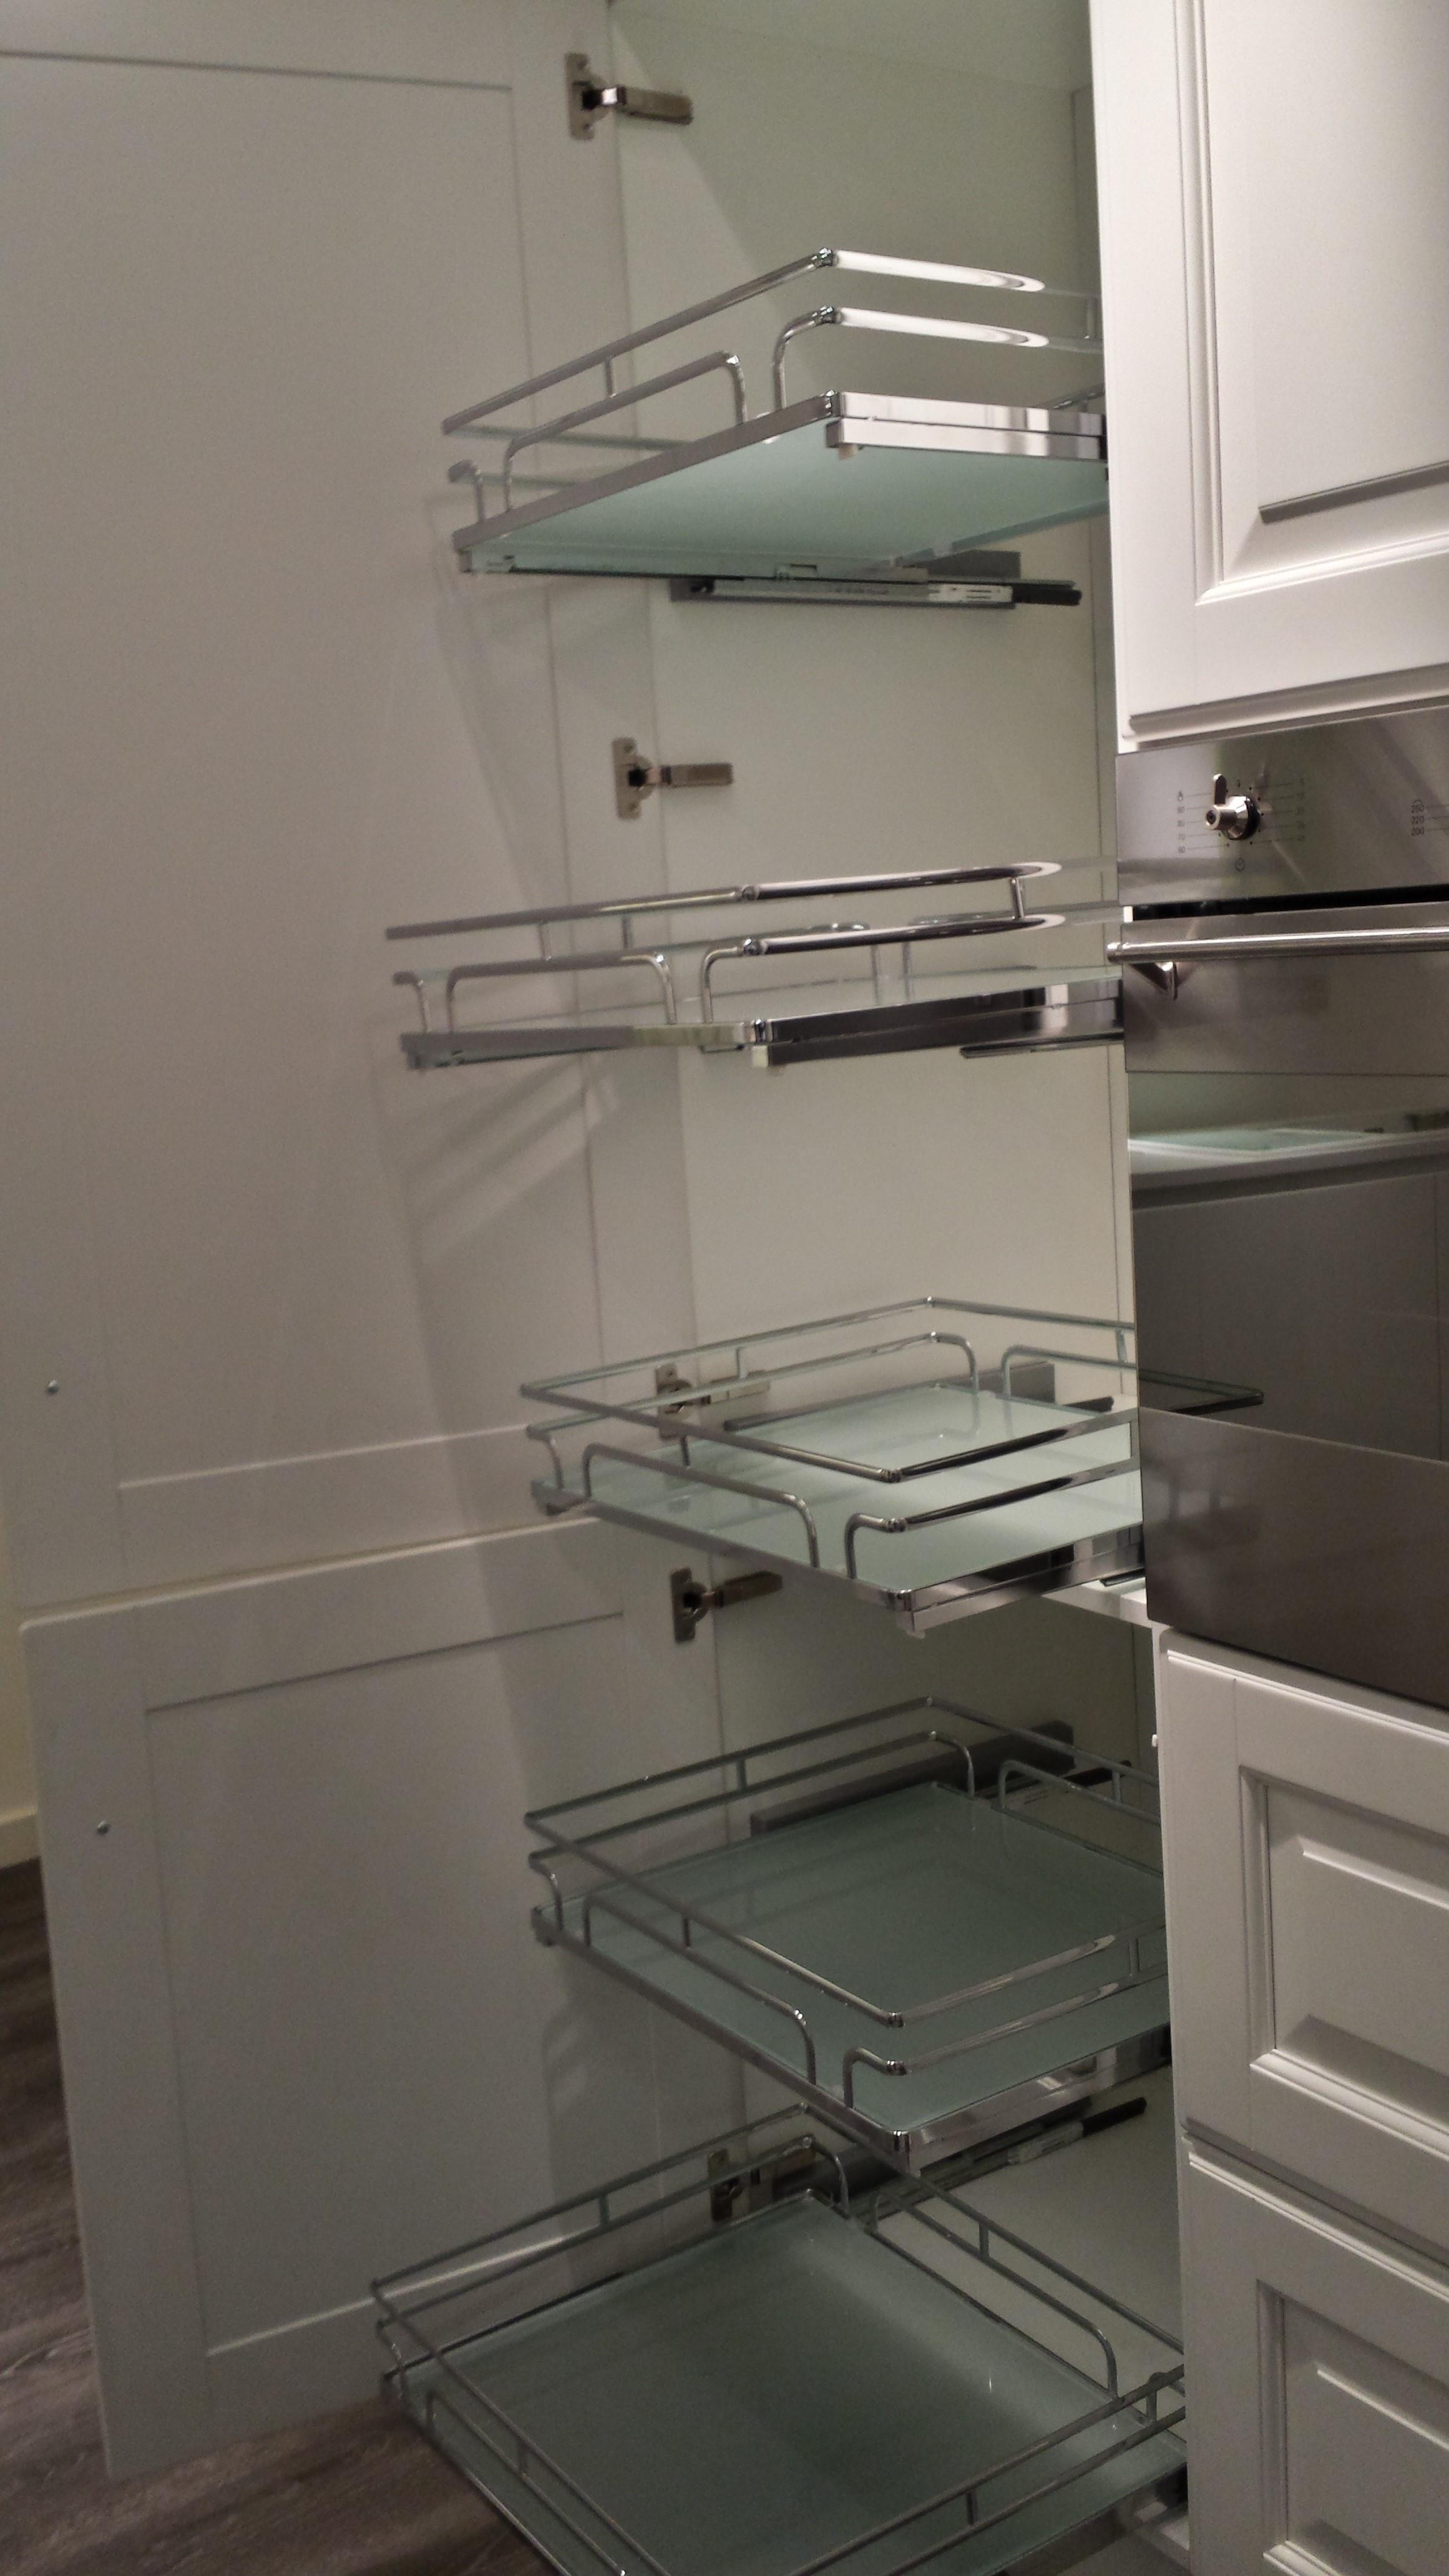 ... Baltimora Classica Laccato Opaco bianca - Cucine a prezzi scontati